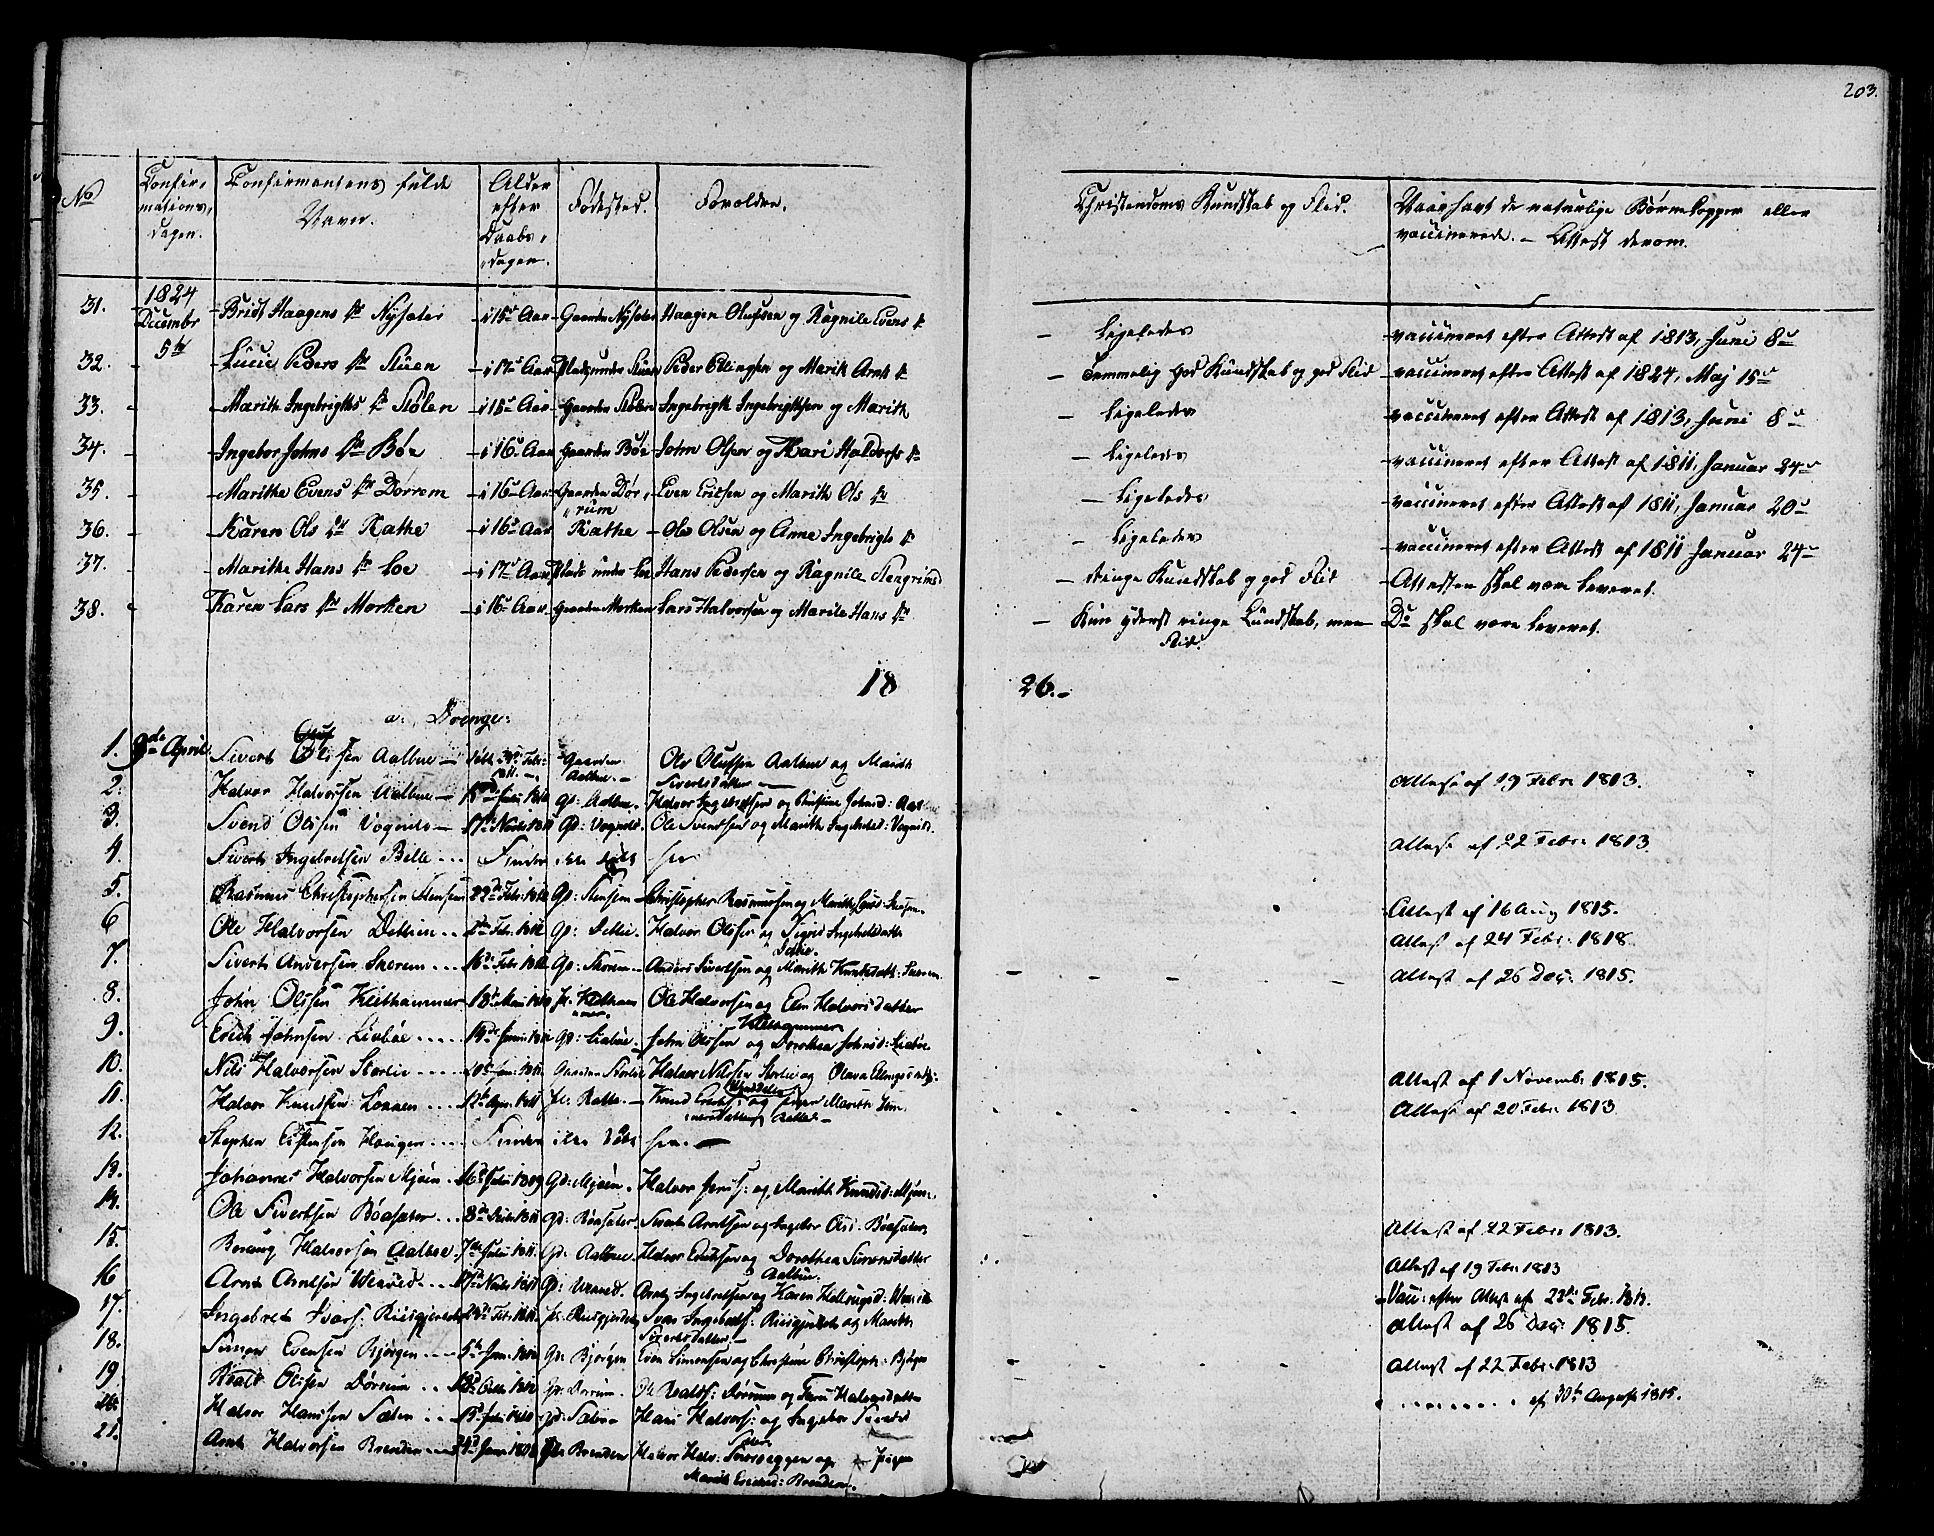 SAT, Ministerialprotokoller, klokkerbøker og fødselsregistre - Sør-Trøndelag, 678/L0897: Ministerialbok nr. 678A06-07, 1821-1847, s. 203